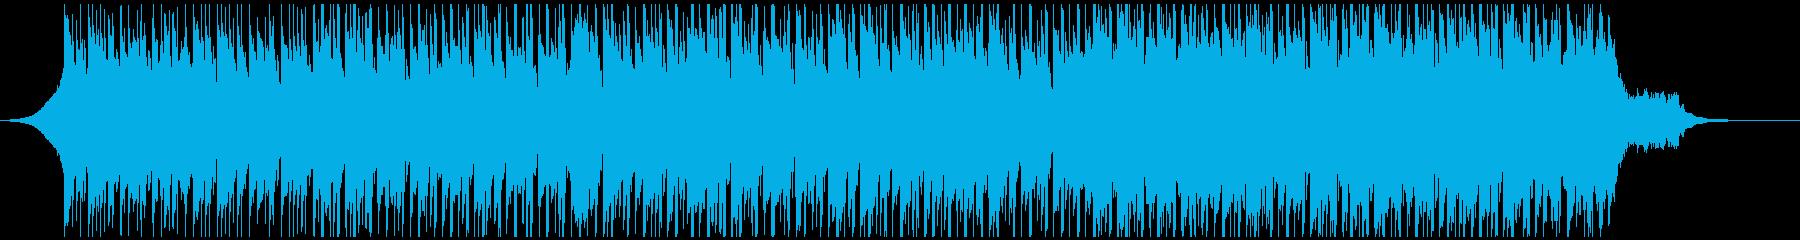 不動産(60秒)の再生済みの波形